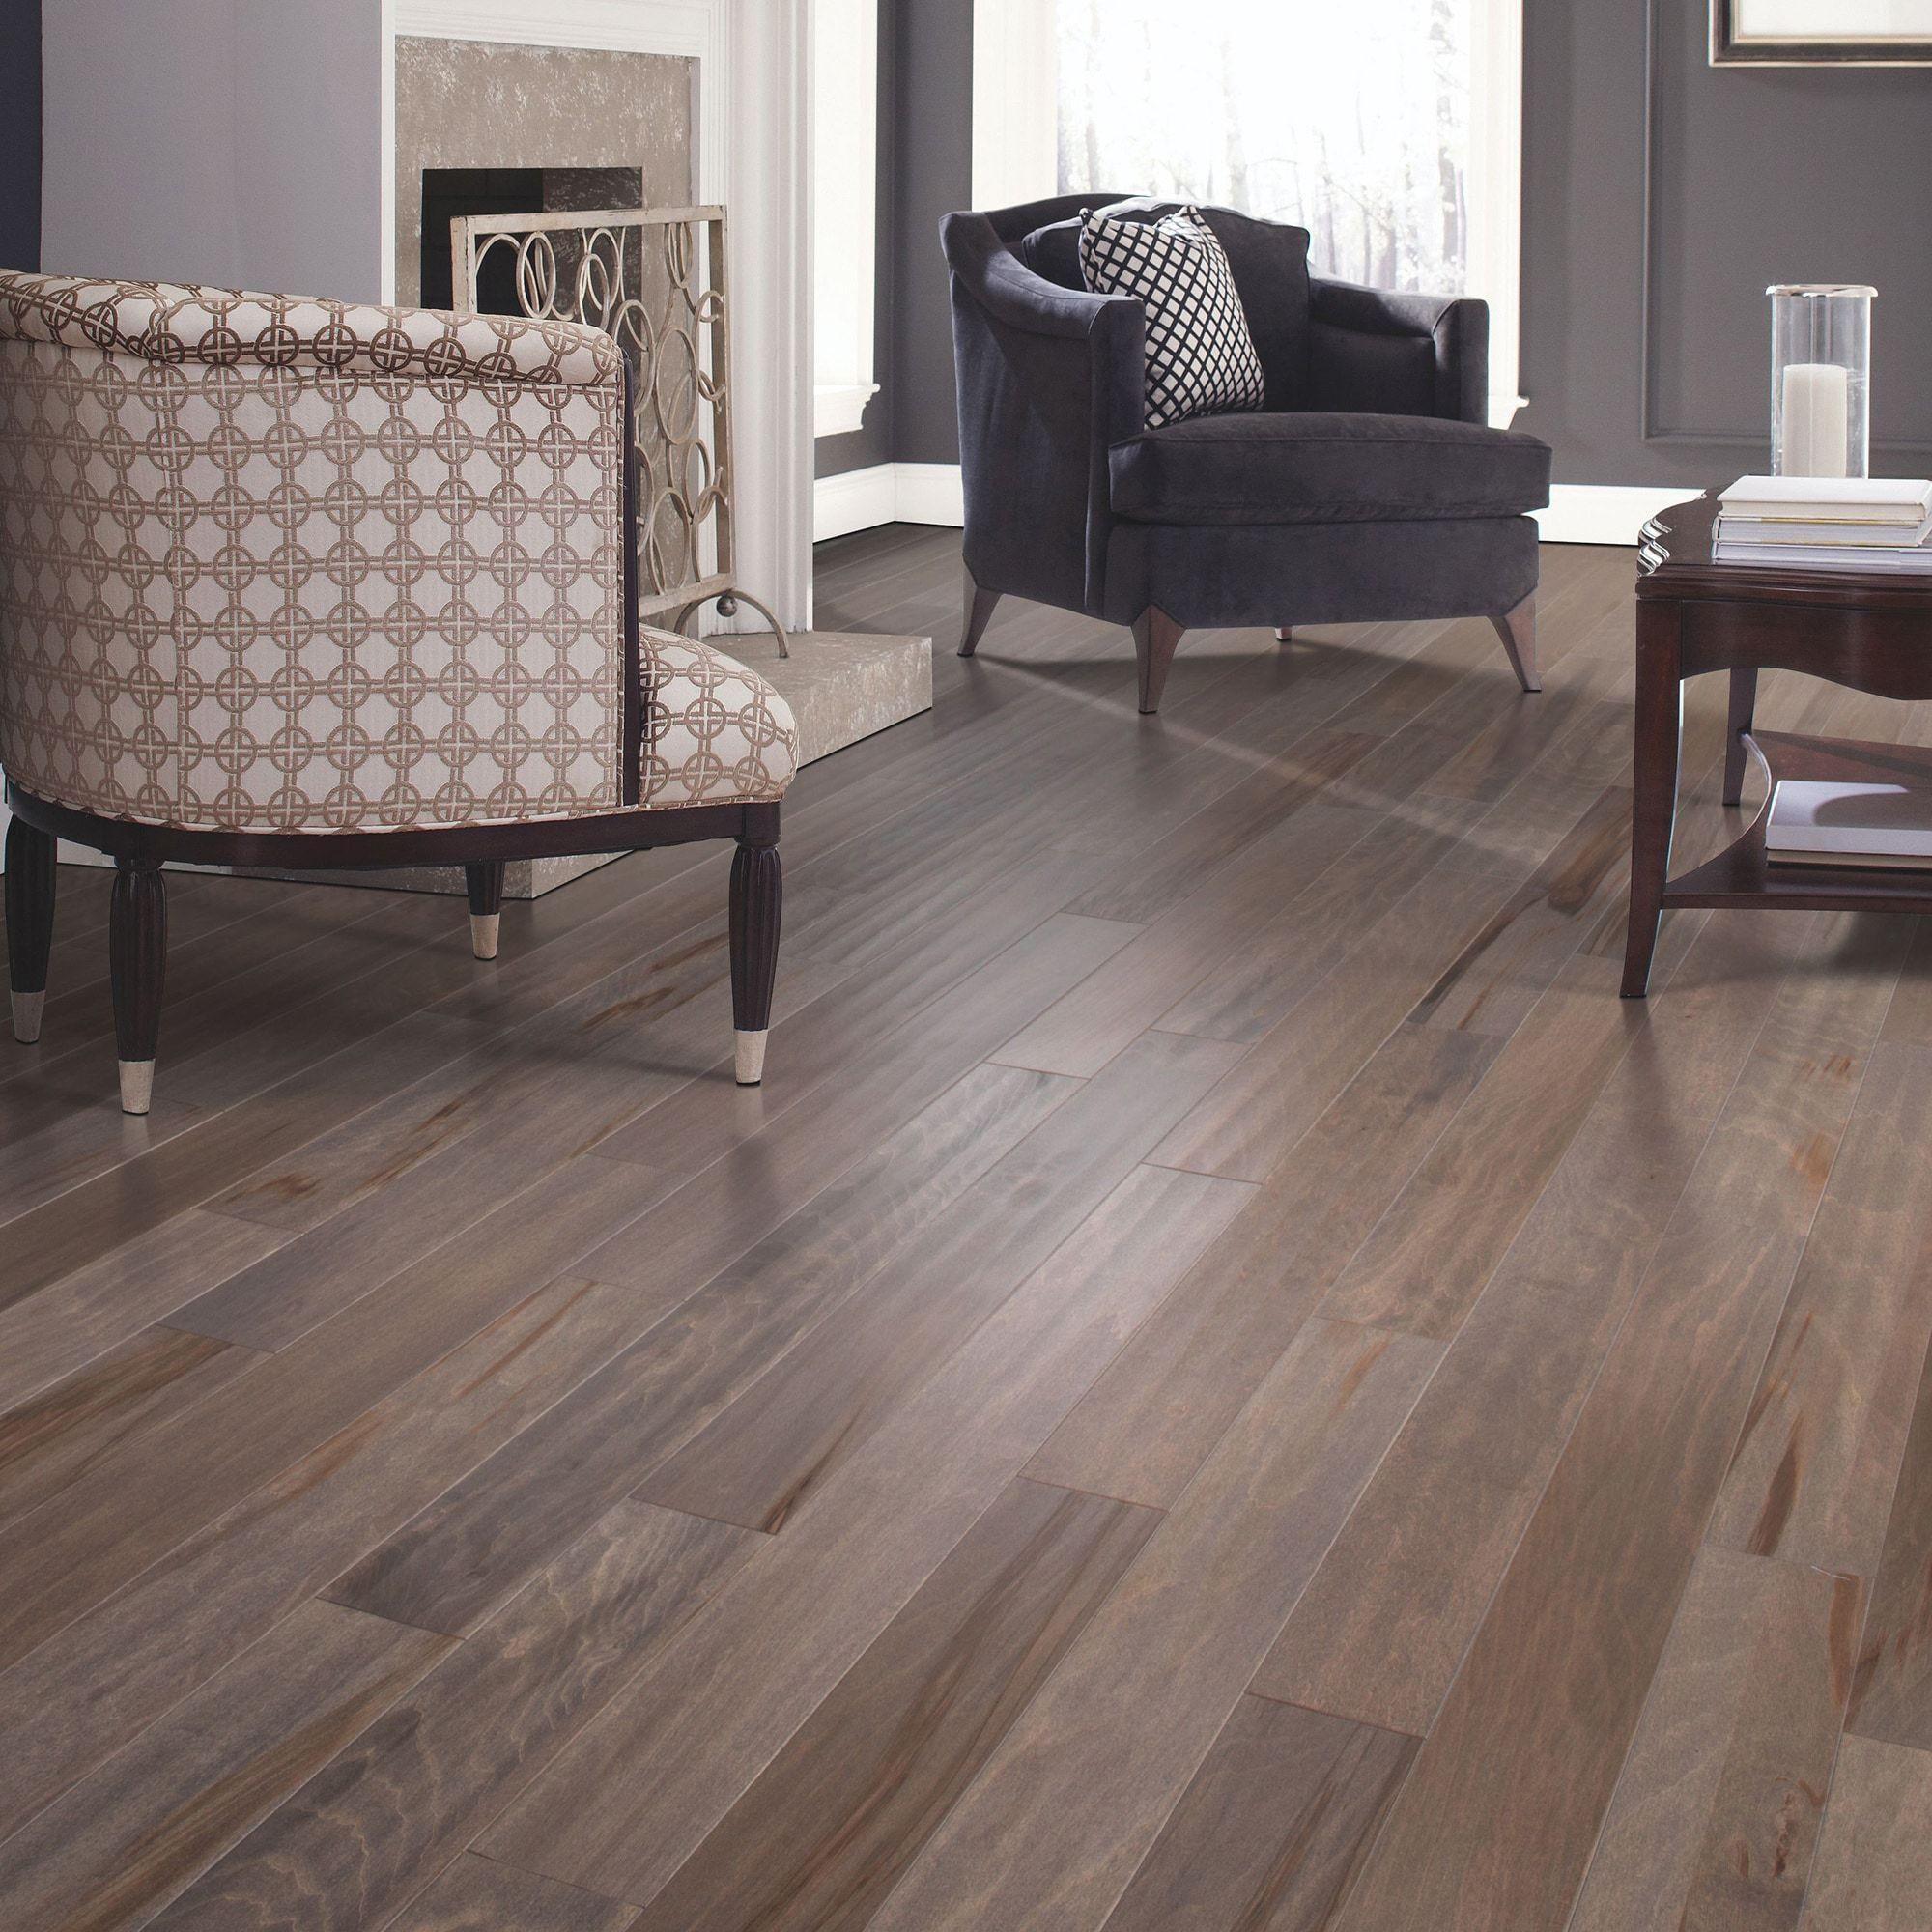 3 4 Maple Hardwood Flooring Of Builddirecta Mohawk Flooring Engineered Hardwood Ageless Allure Intended for Builddirecta Mohawk Flooring Engineered Hardwood Ageless Allure Collection